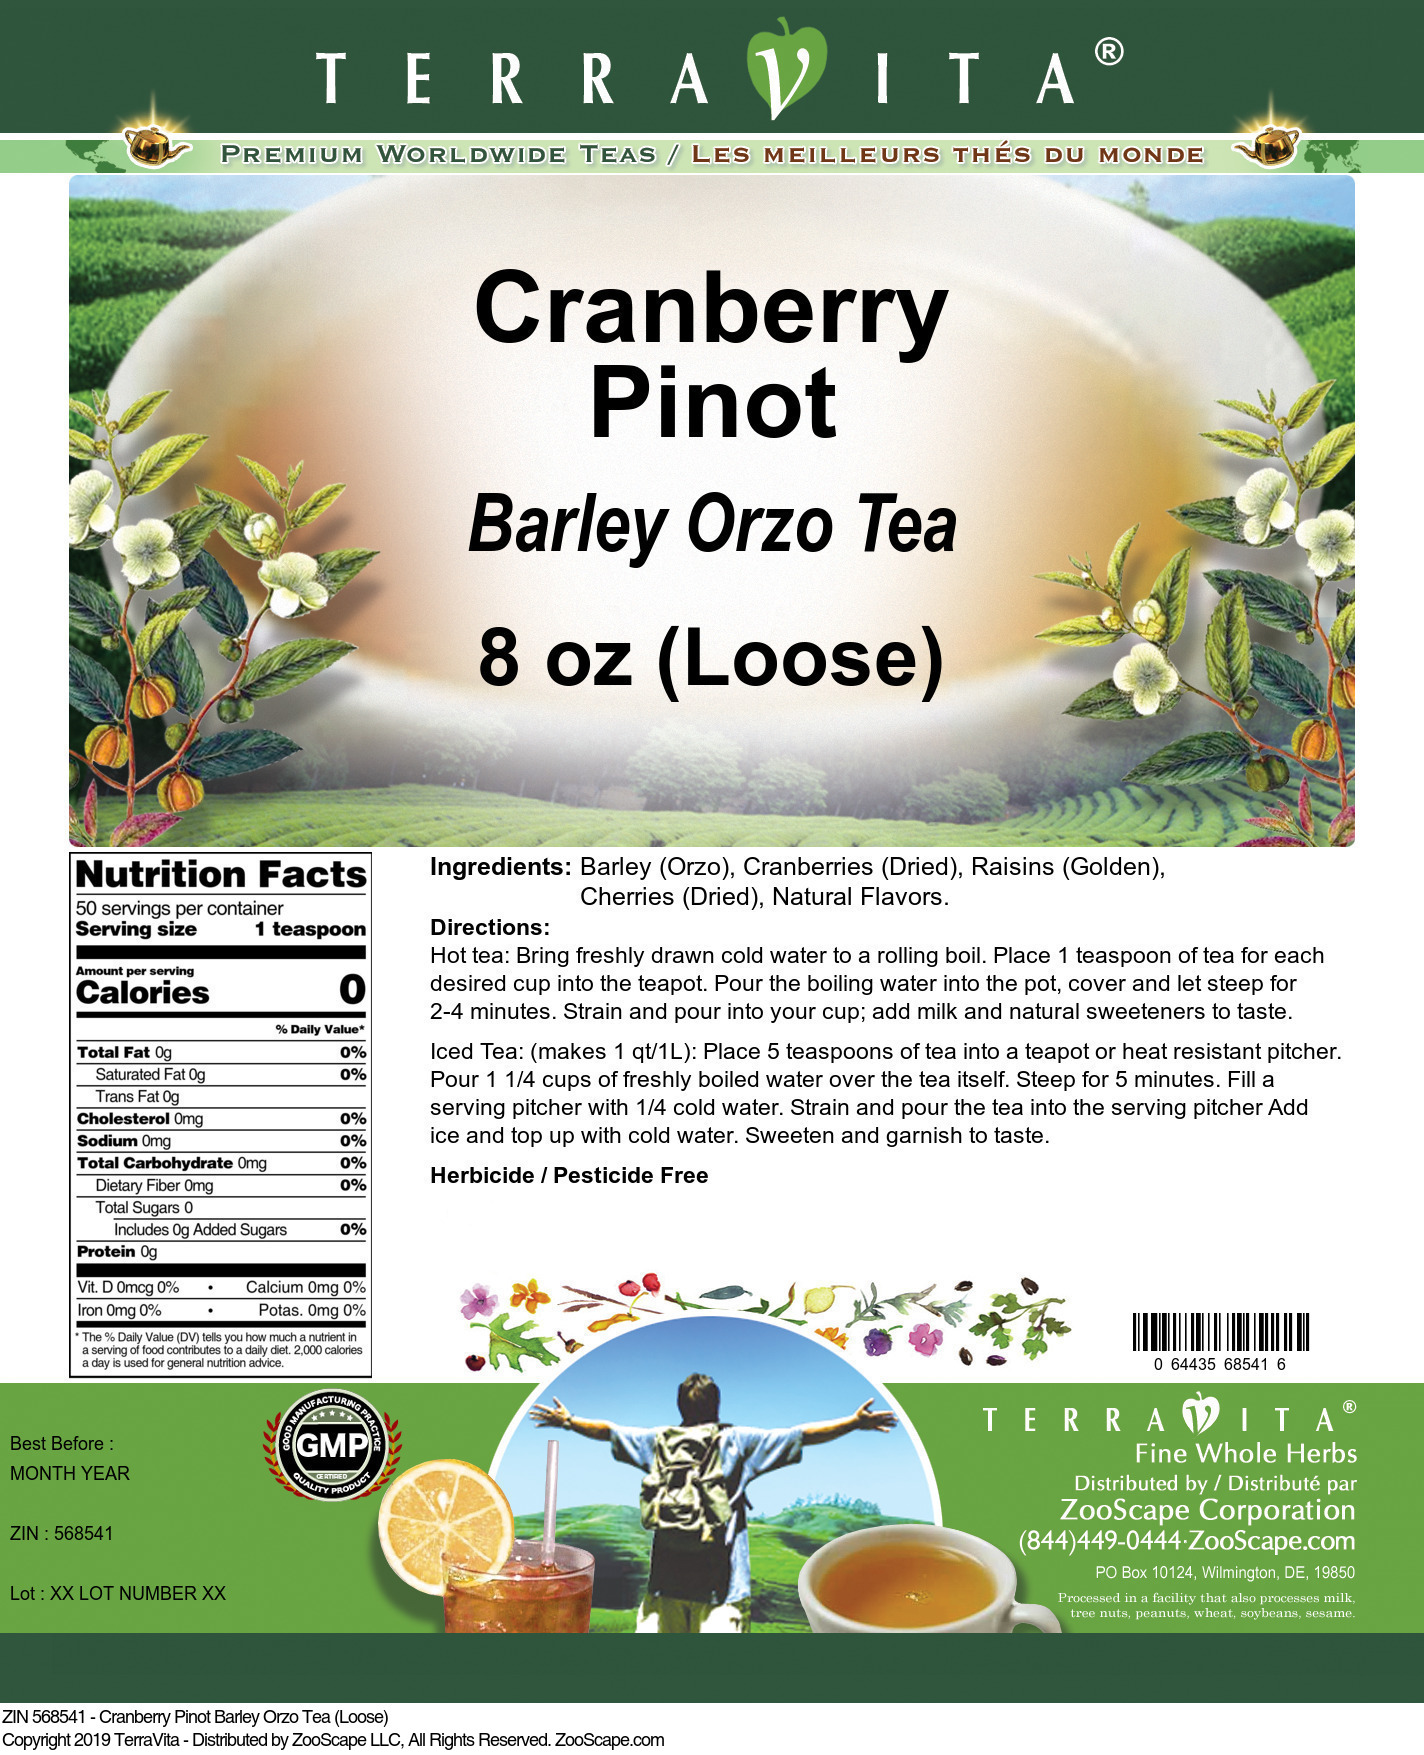 Cranberry Pinot Barley Orzo